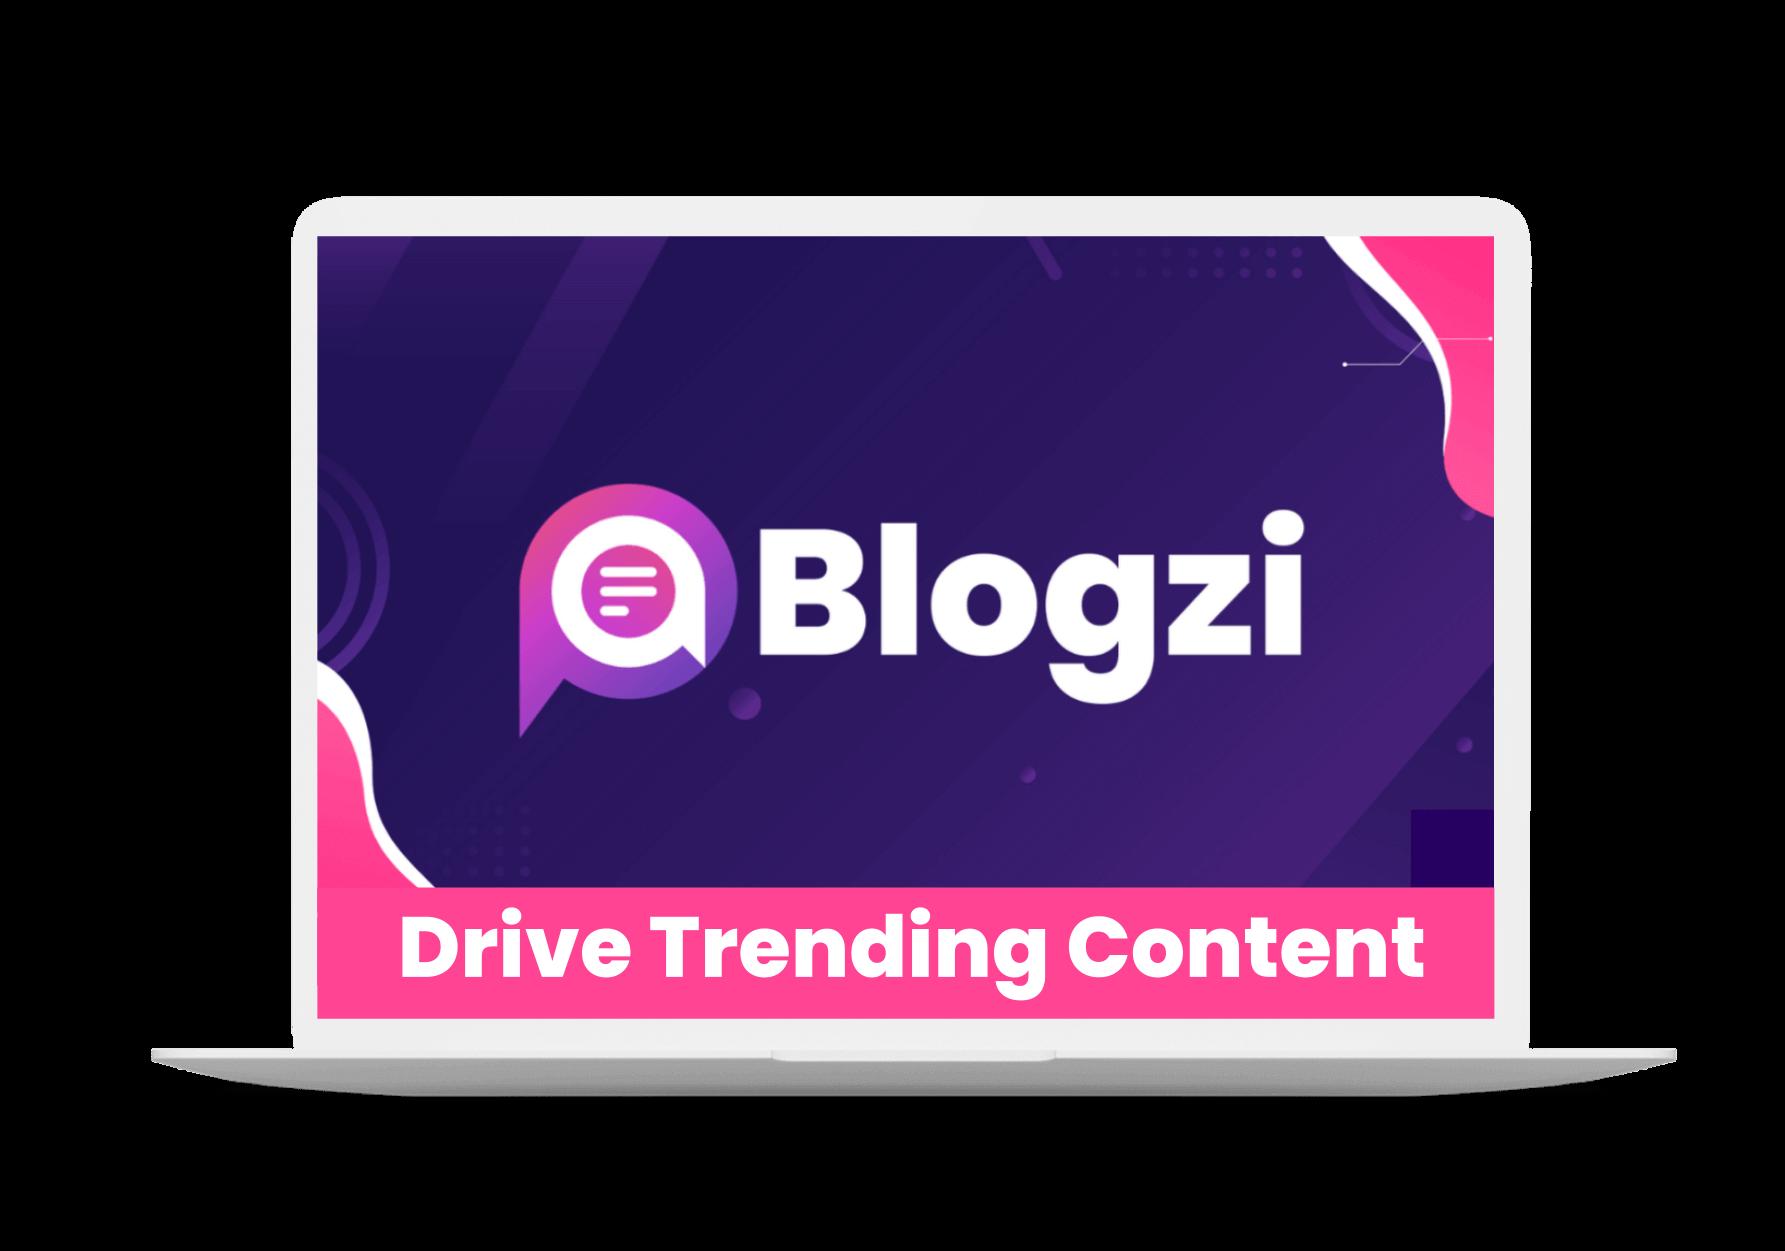 Blogzi-feature-2